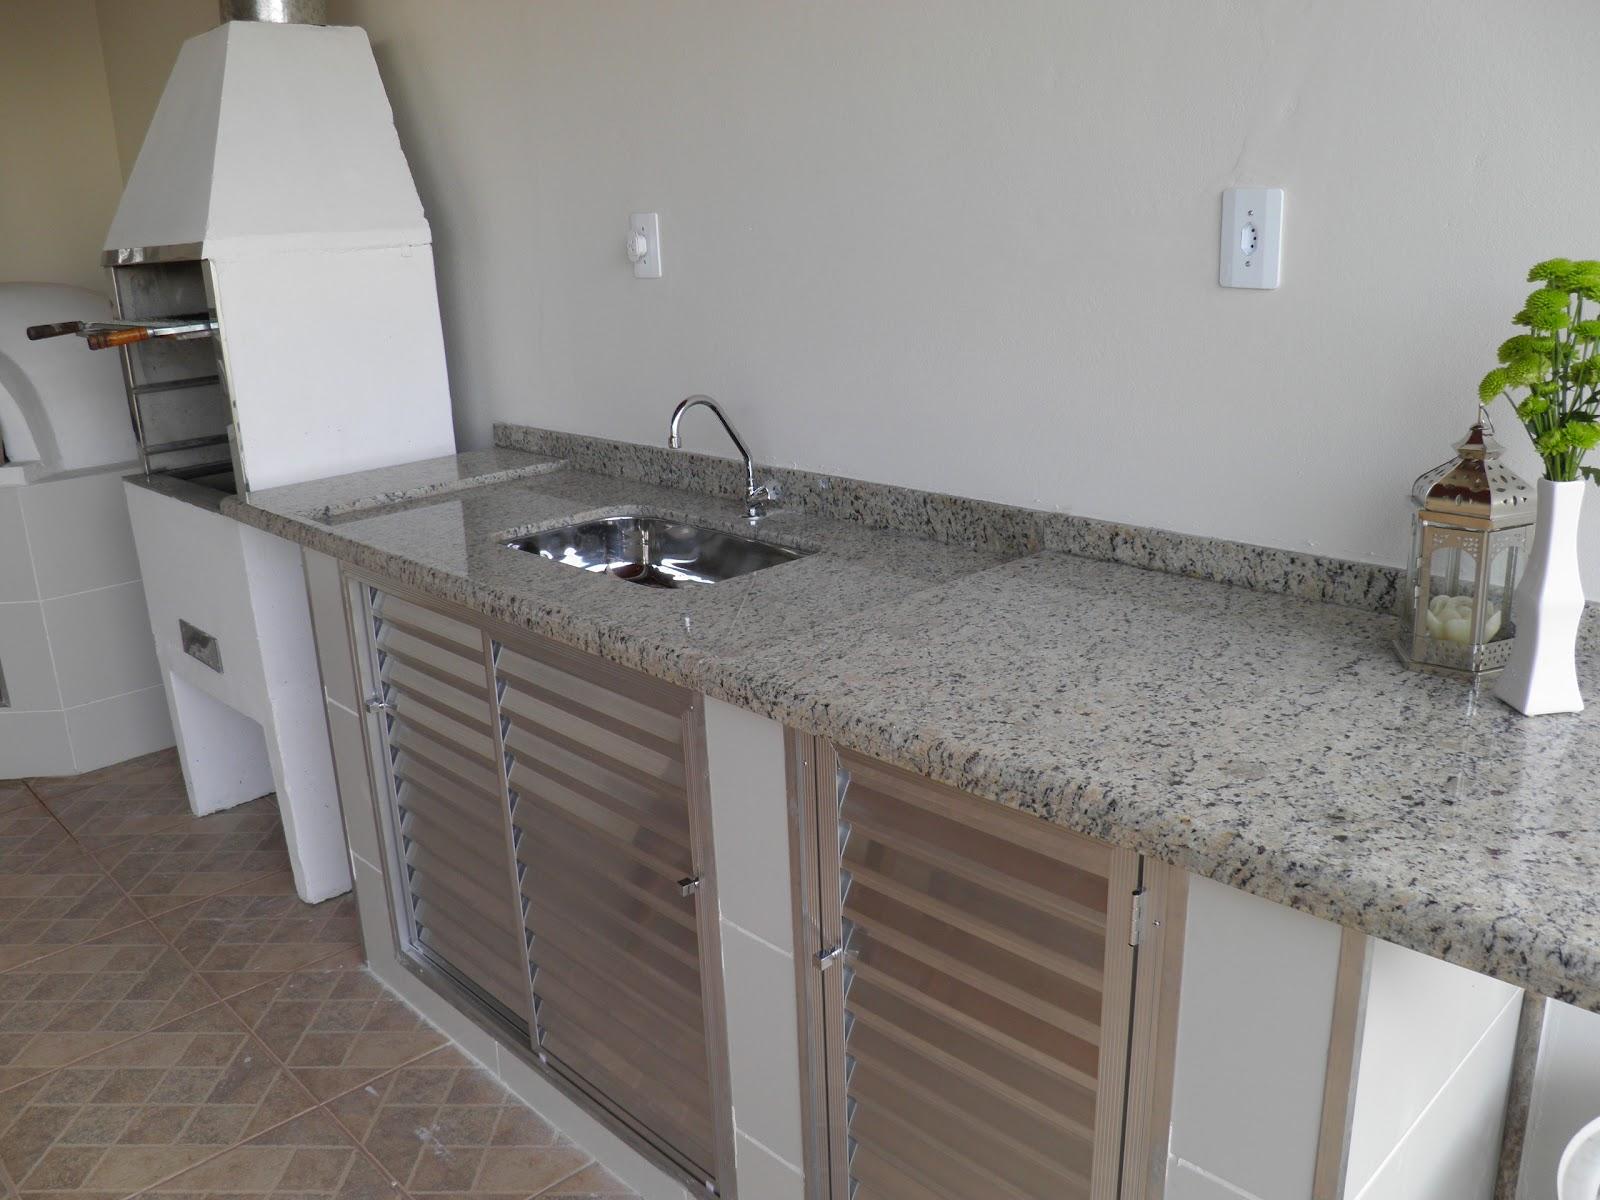 Imagens de #4D6418 pia. Repararam nas portinhas de alumínio? Solução barata pra quem  1600x1200 px 3104 Box Banheiro Aluminio